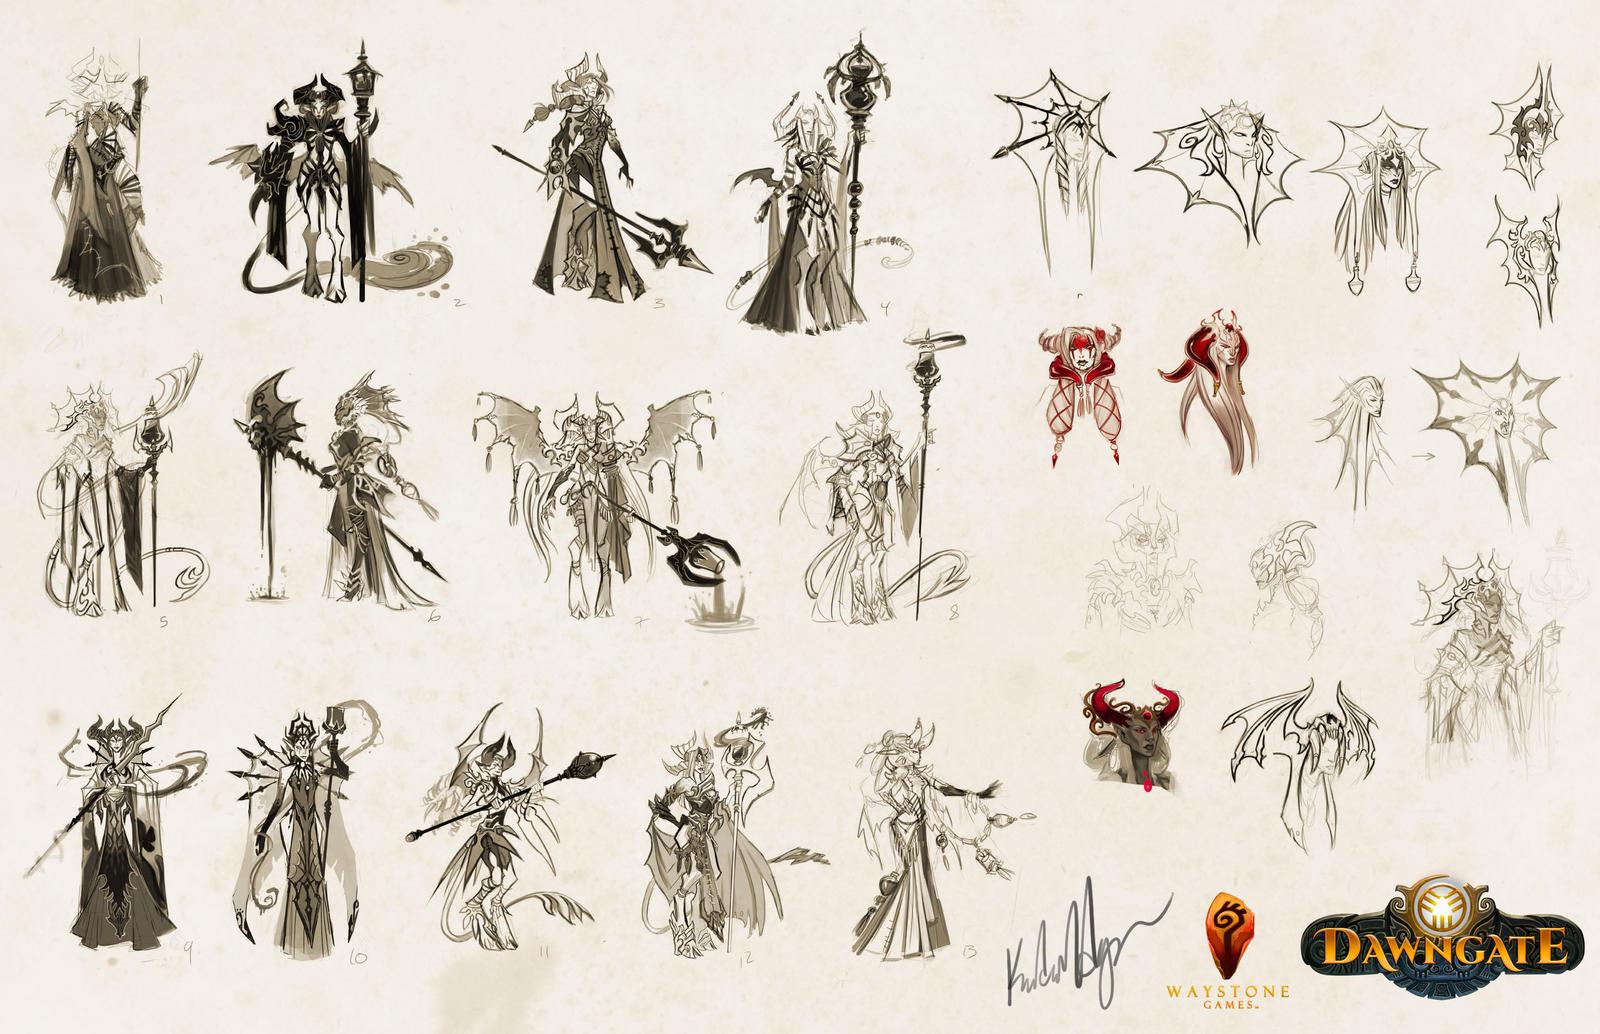 Viyana Sketches by UlaFish